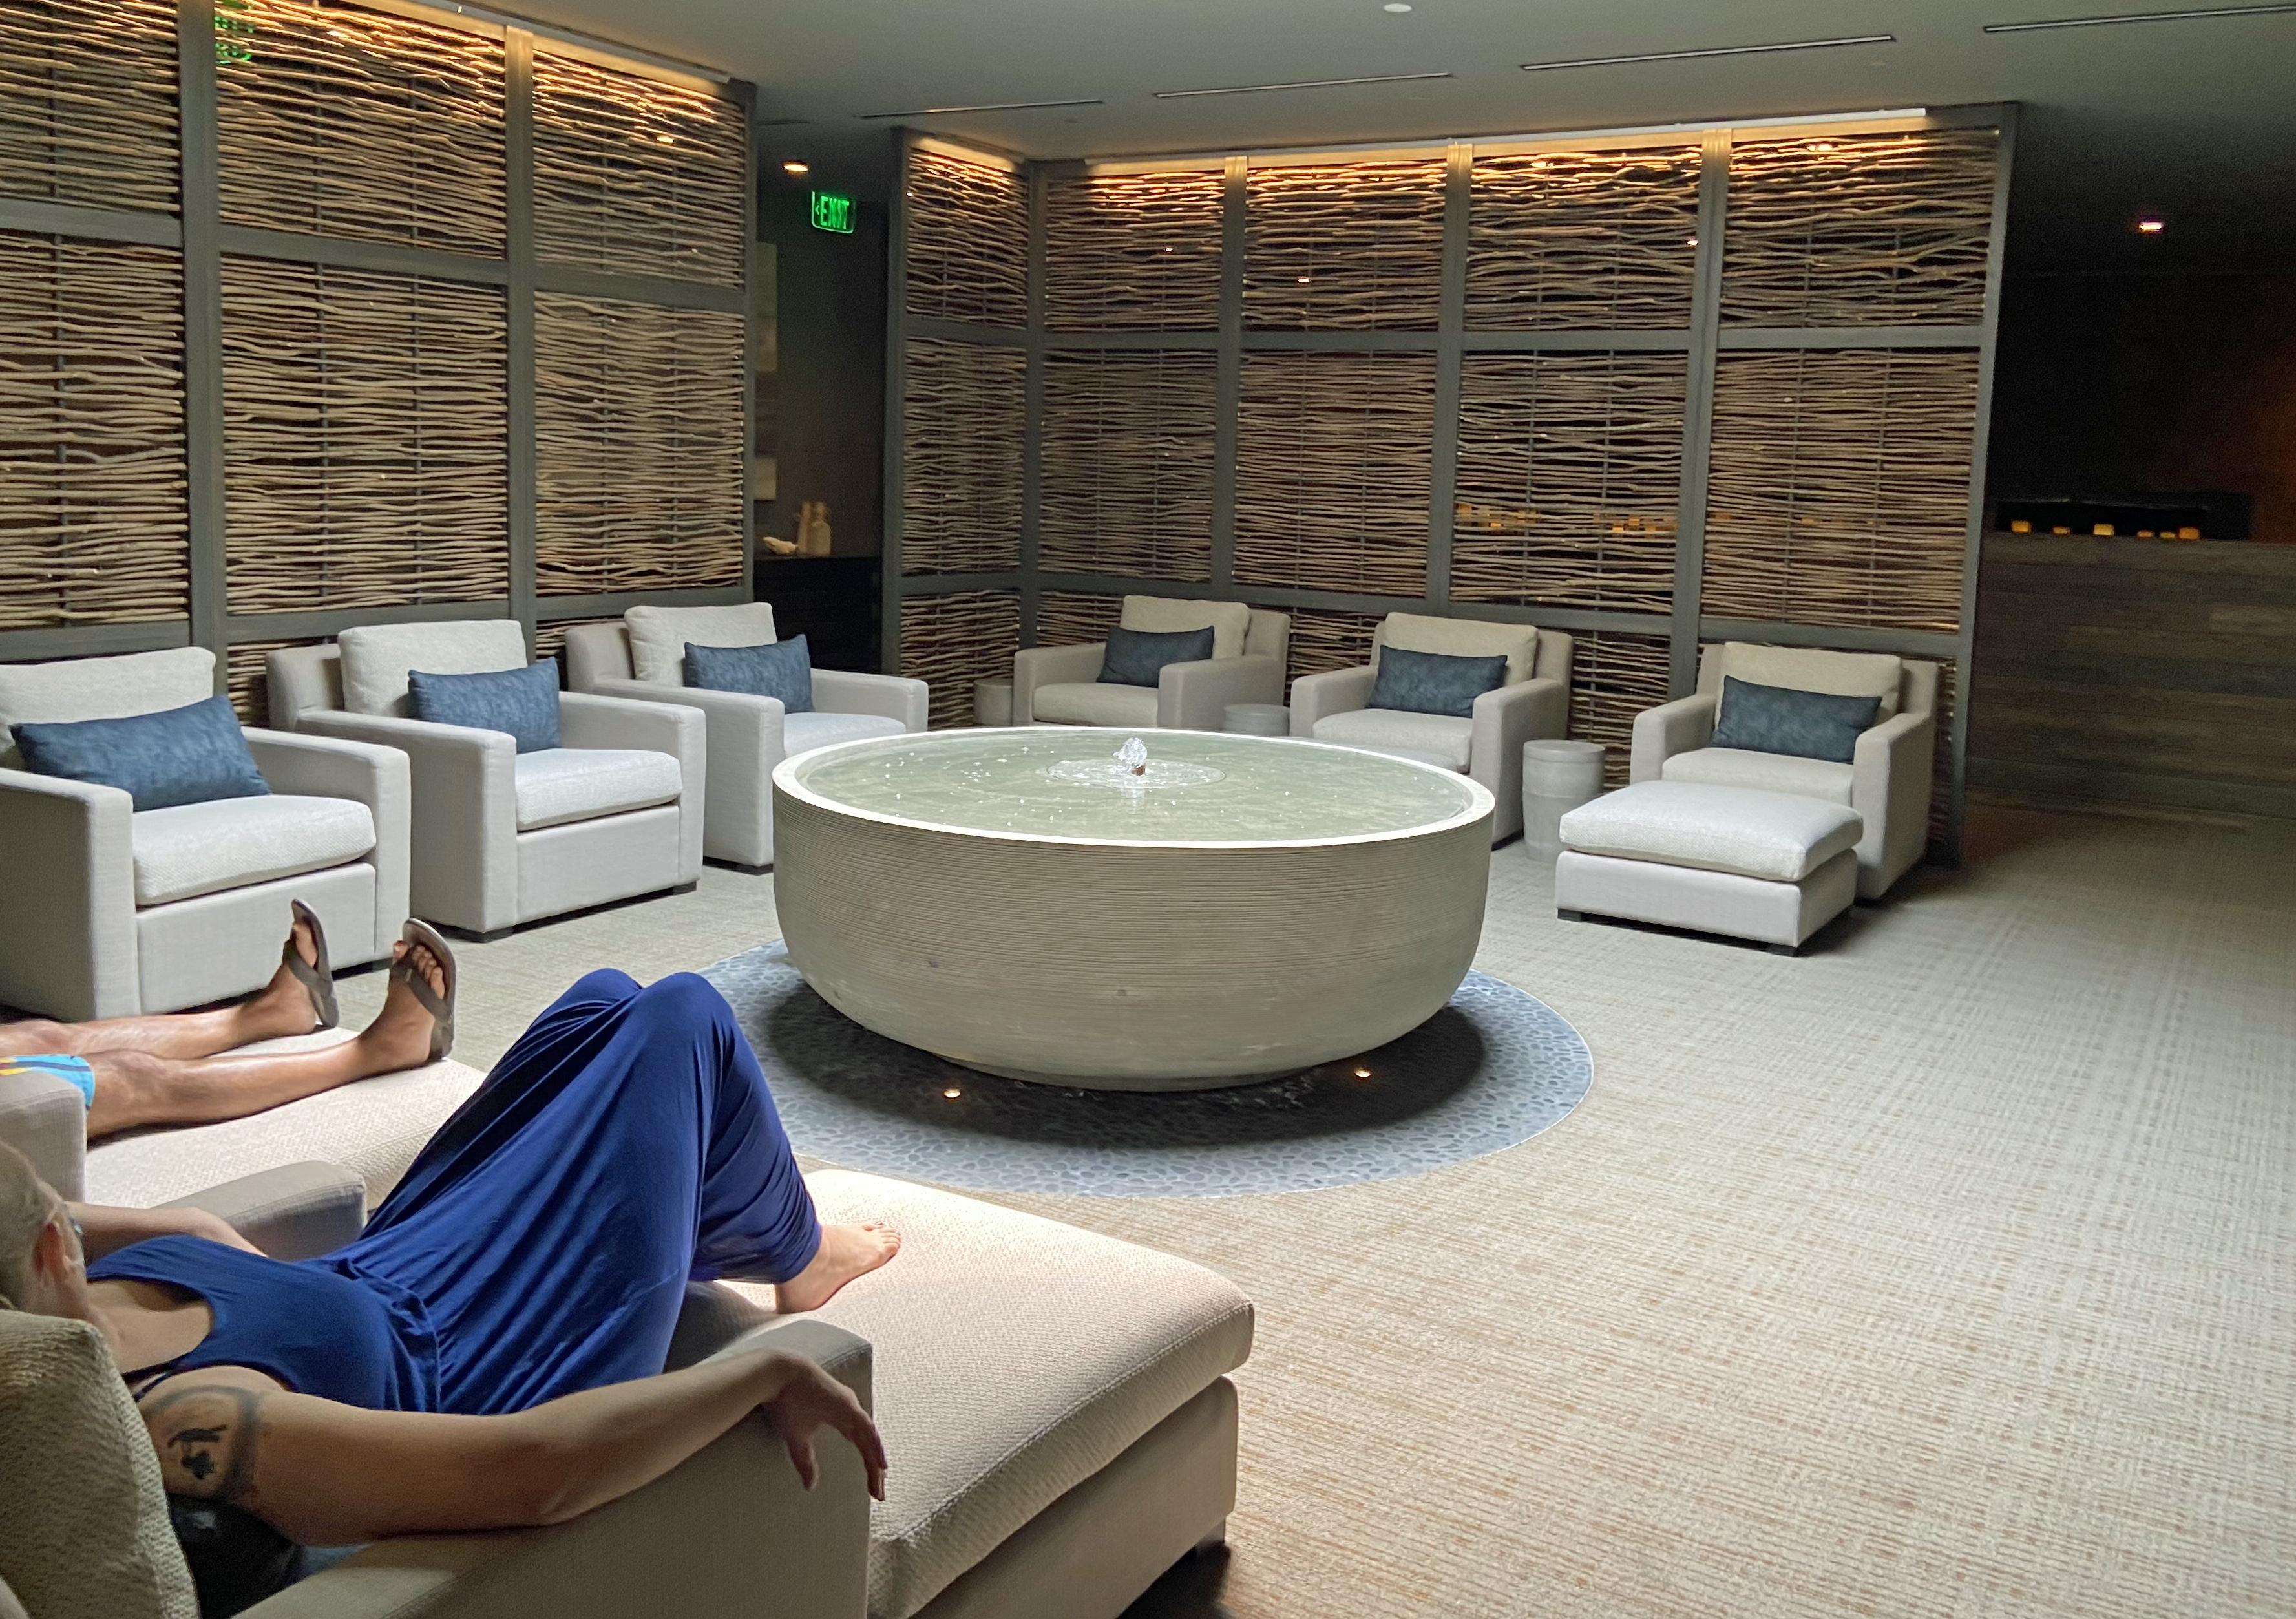 A Miraval Group wellness resort.